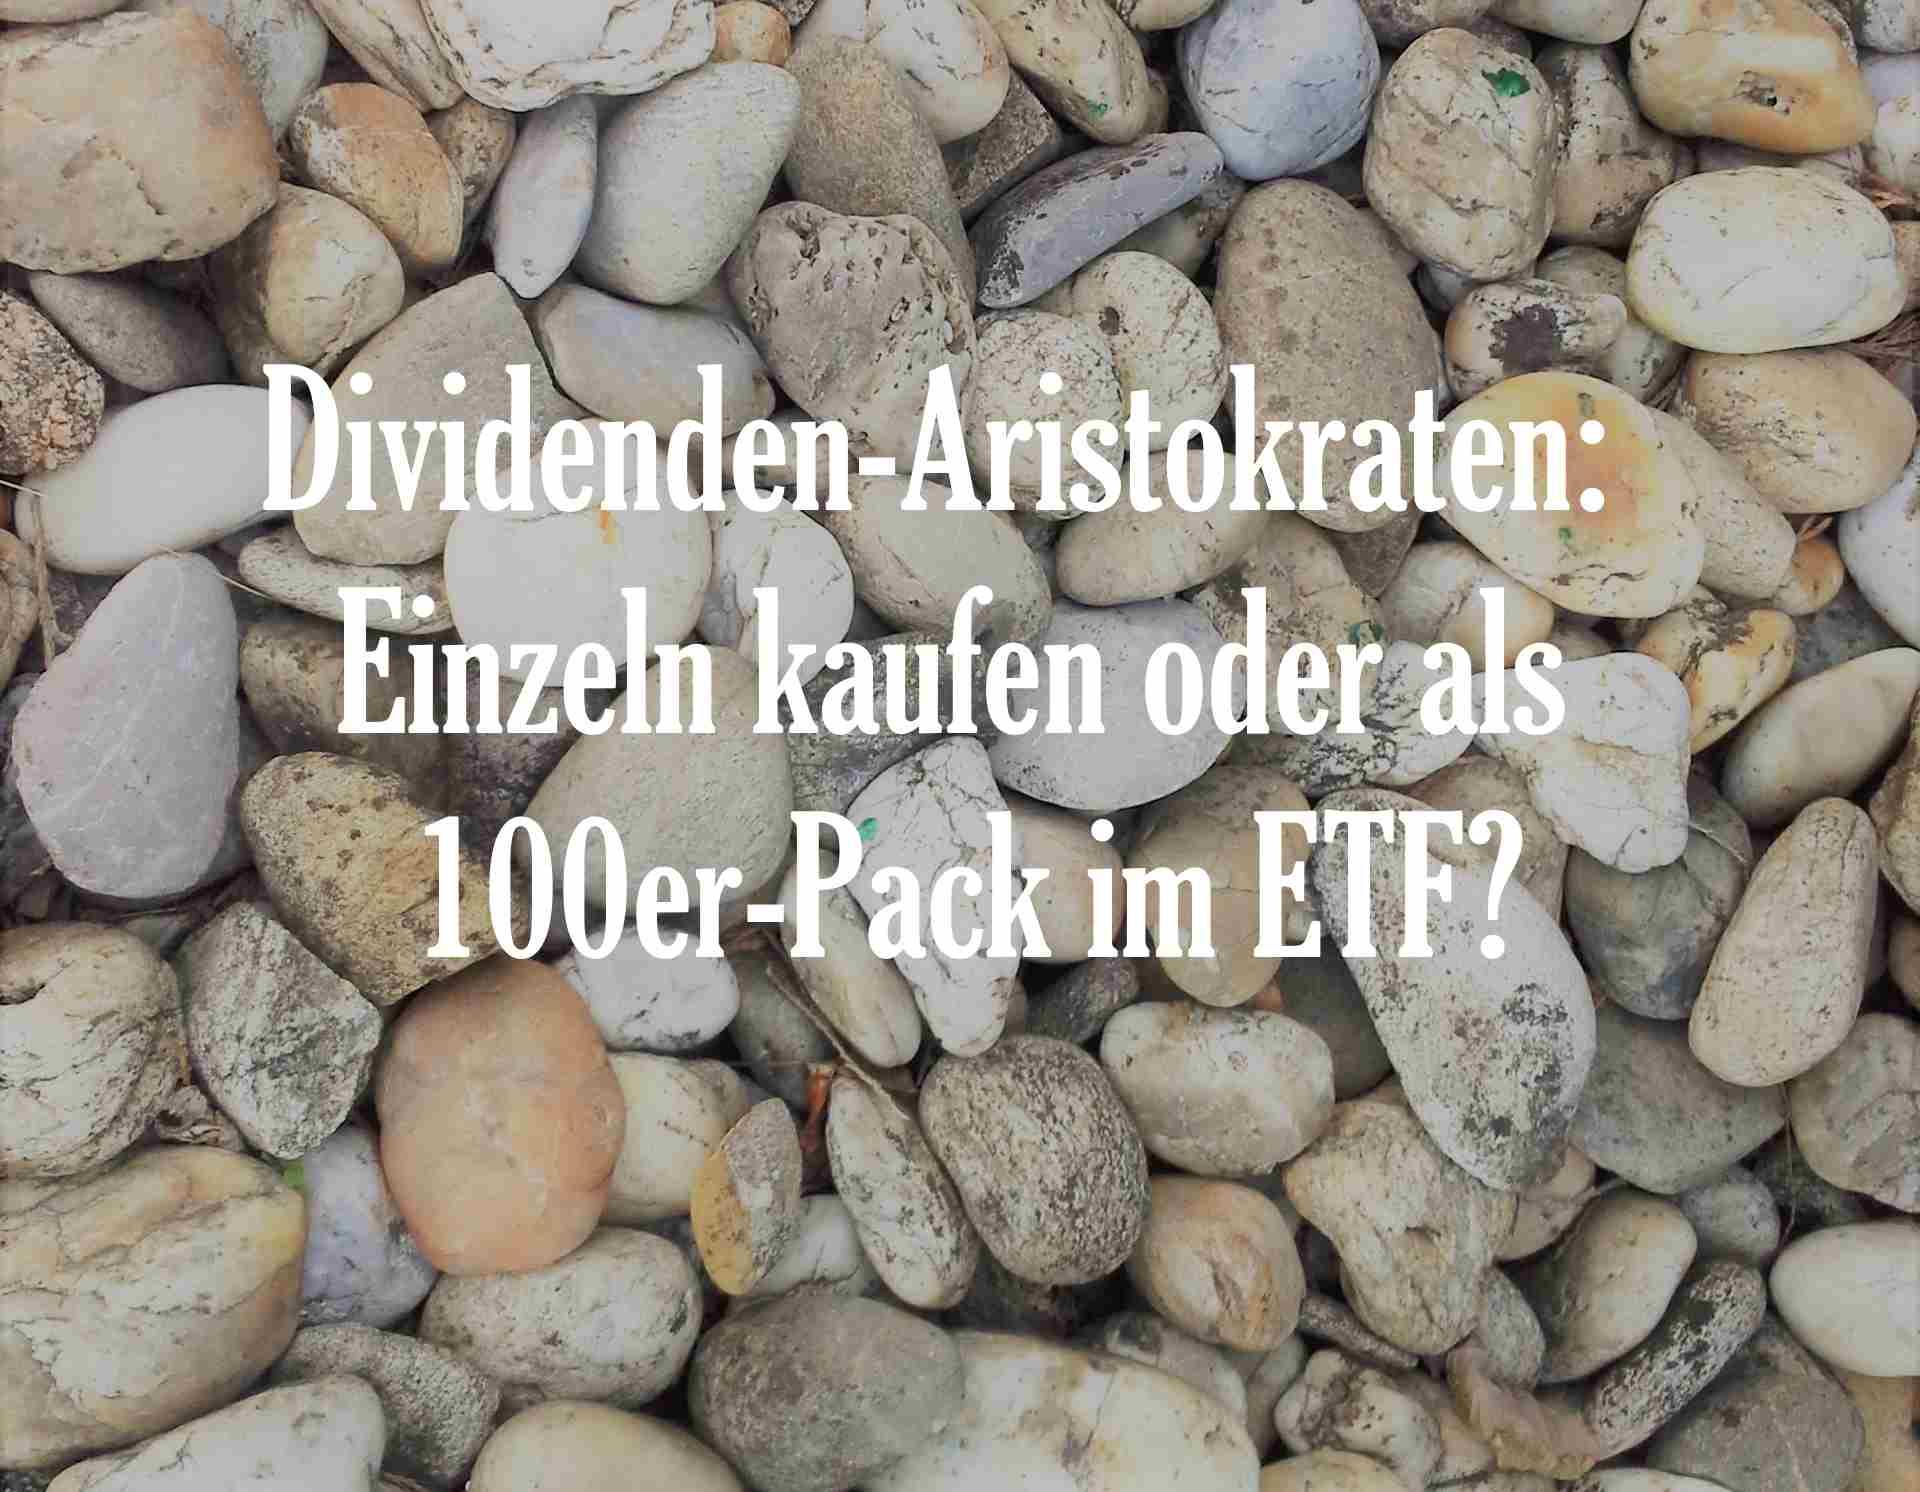 Kauft man Dividenden-Aristokraten lieber einzeln oder als 100er-Pack im ETF.